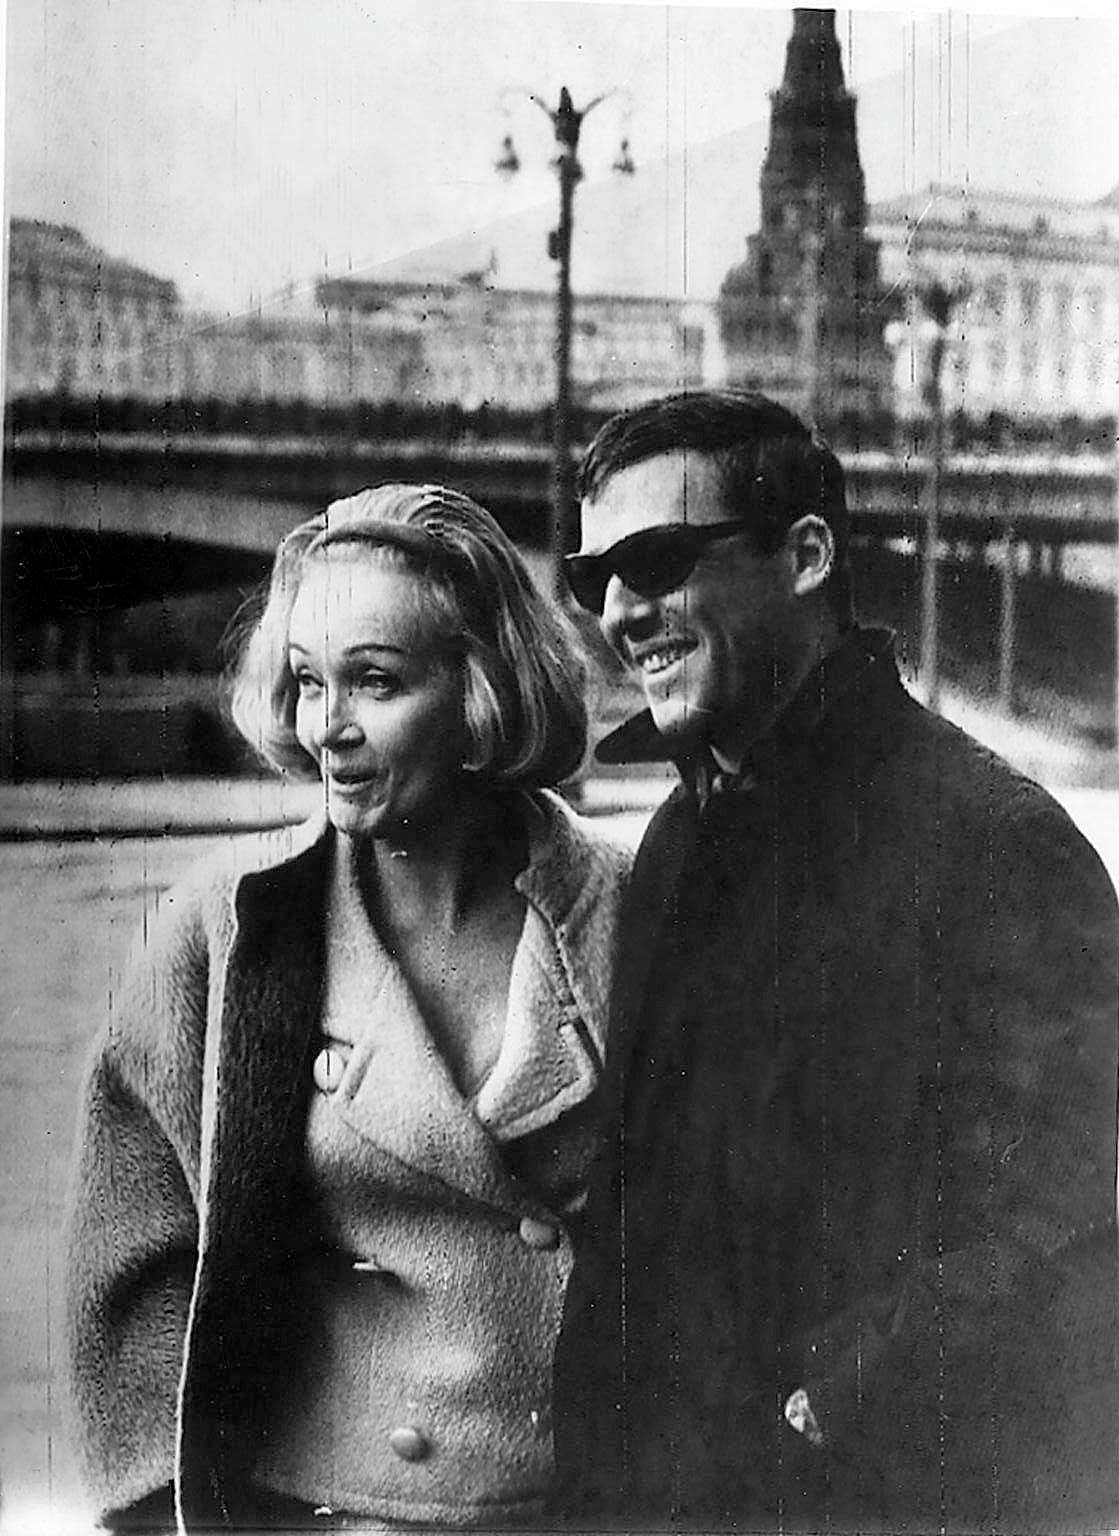 1964. Марлен Дитрих с актером Бертом Бадроком в Москве, где она дает концерт в Театре эстрады, - 20.05..jpg